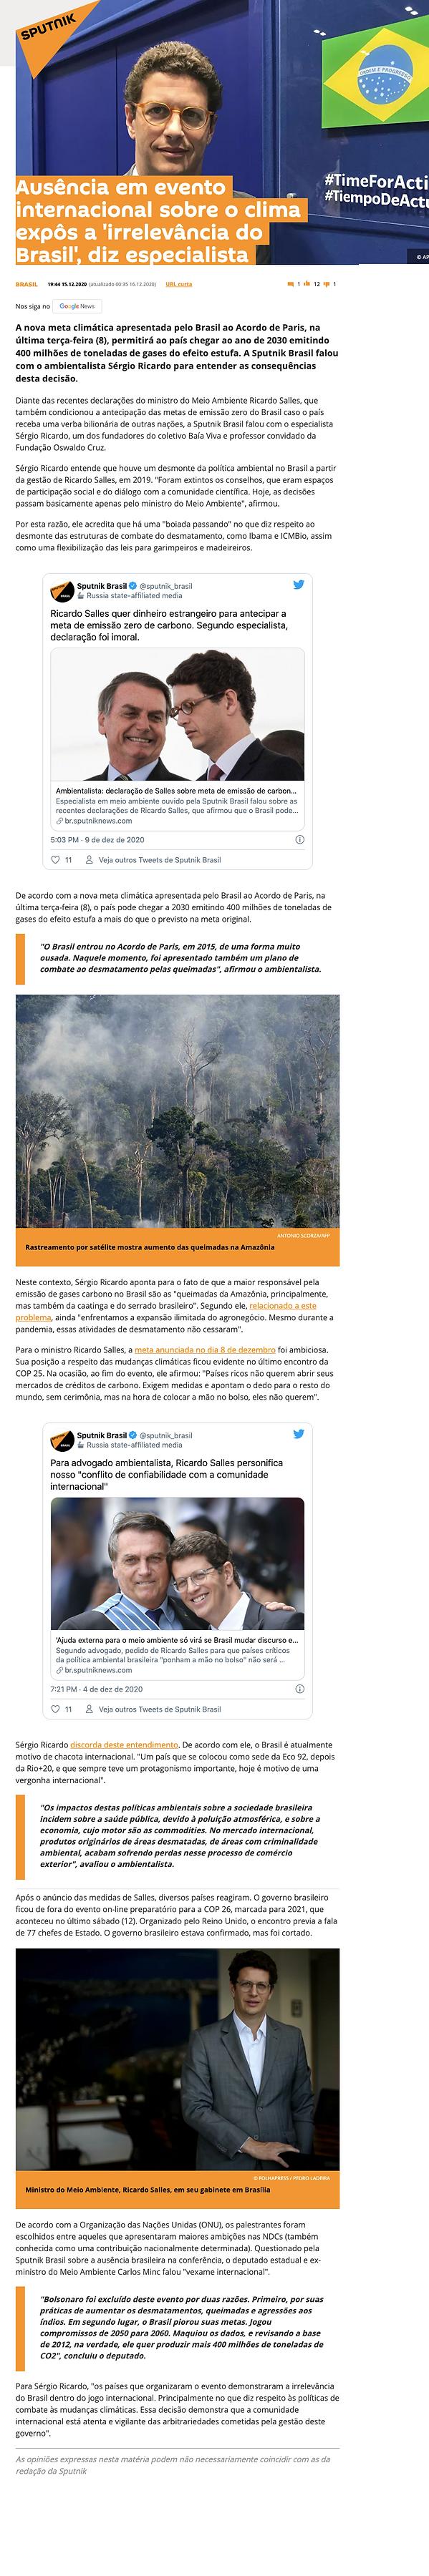 screenshot-br.sputniknews.com-2020.12.21